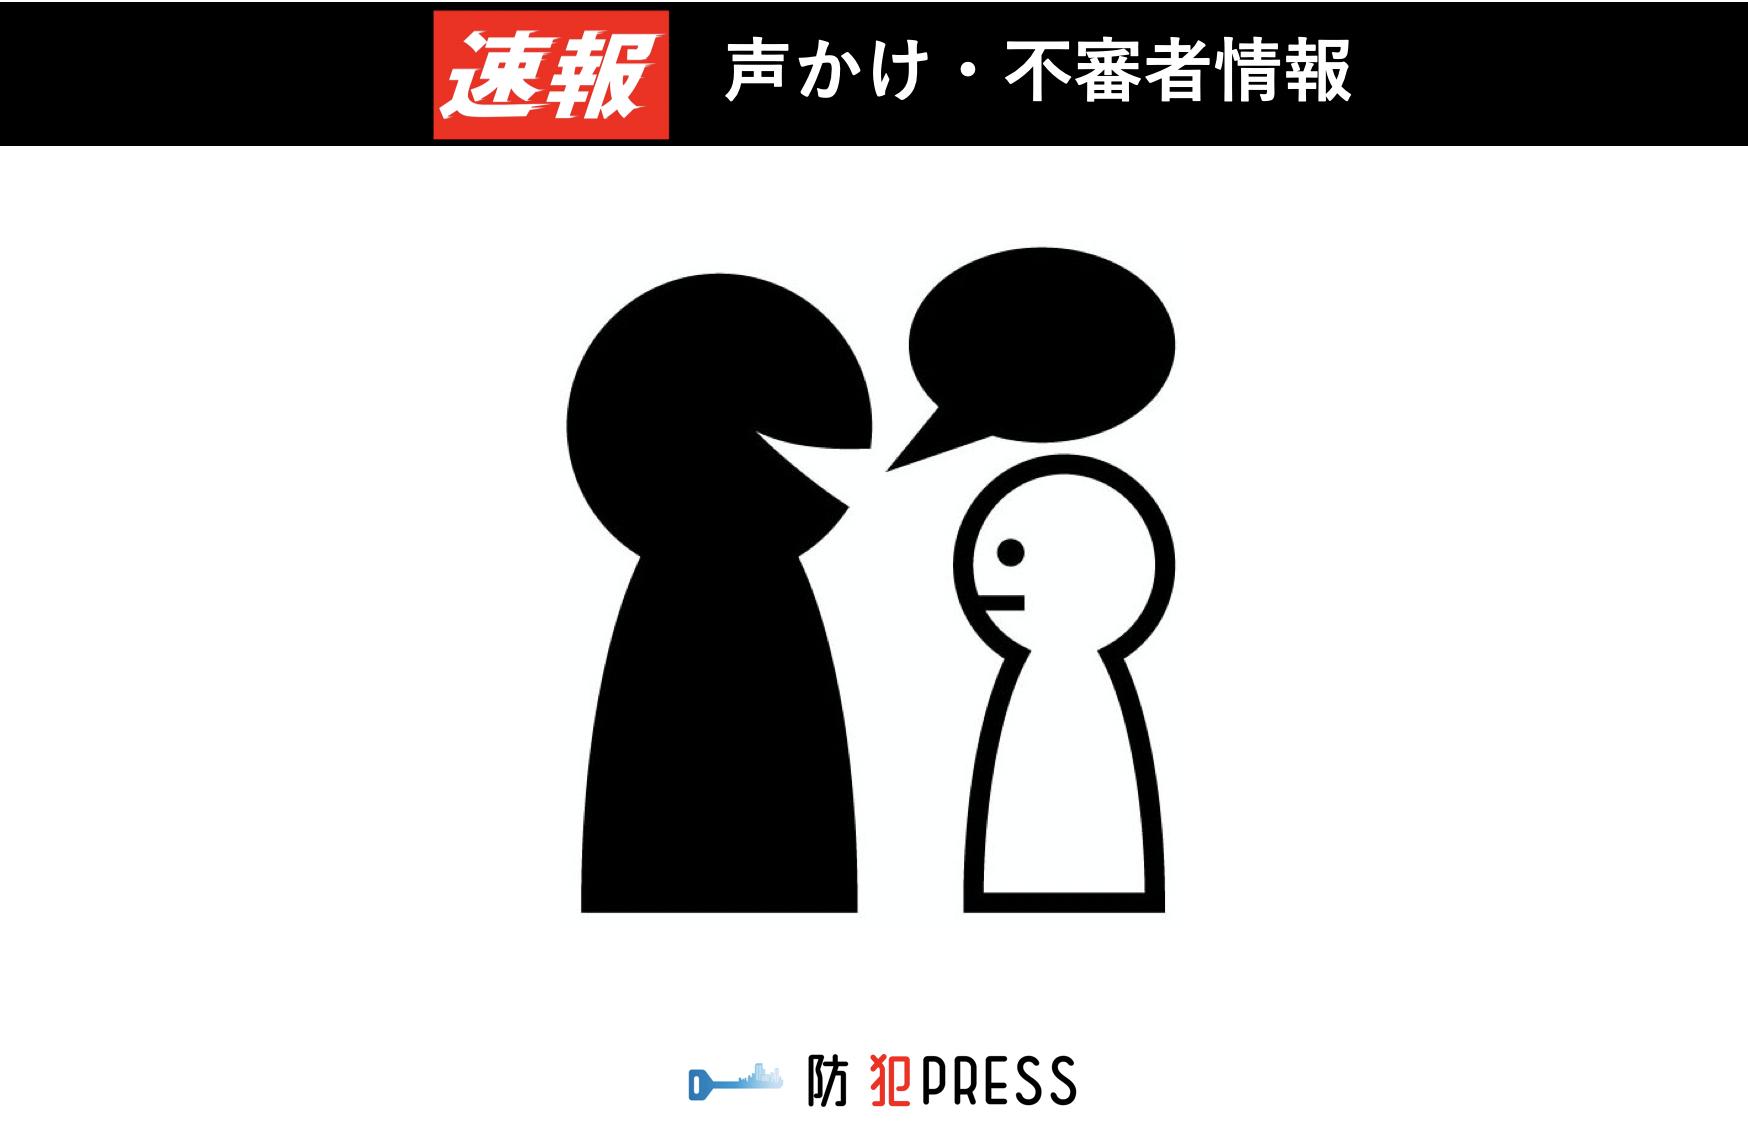 エスピーくん安心メール 声かけ事案の発生!